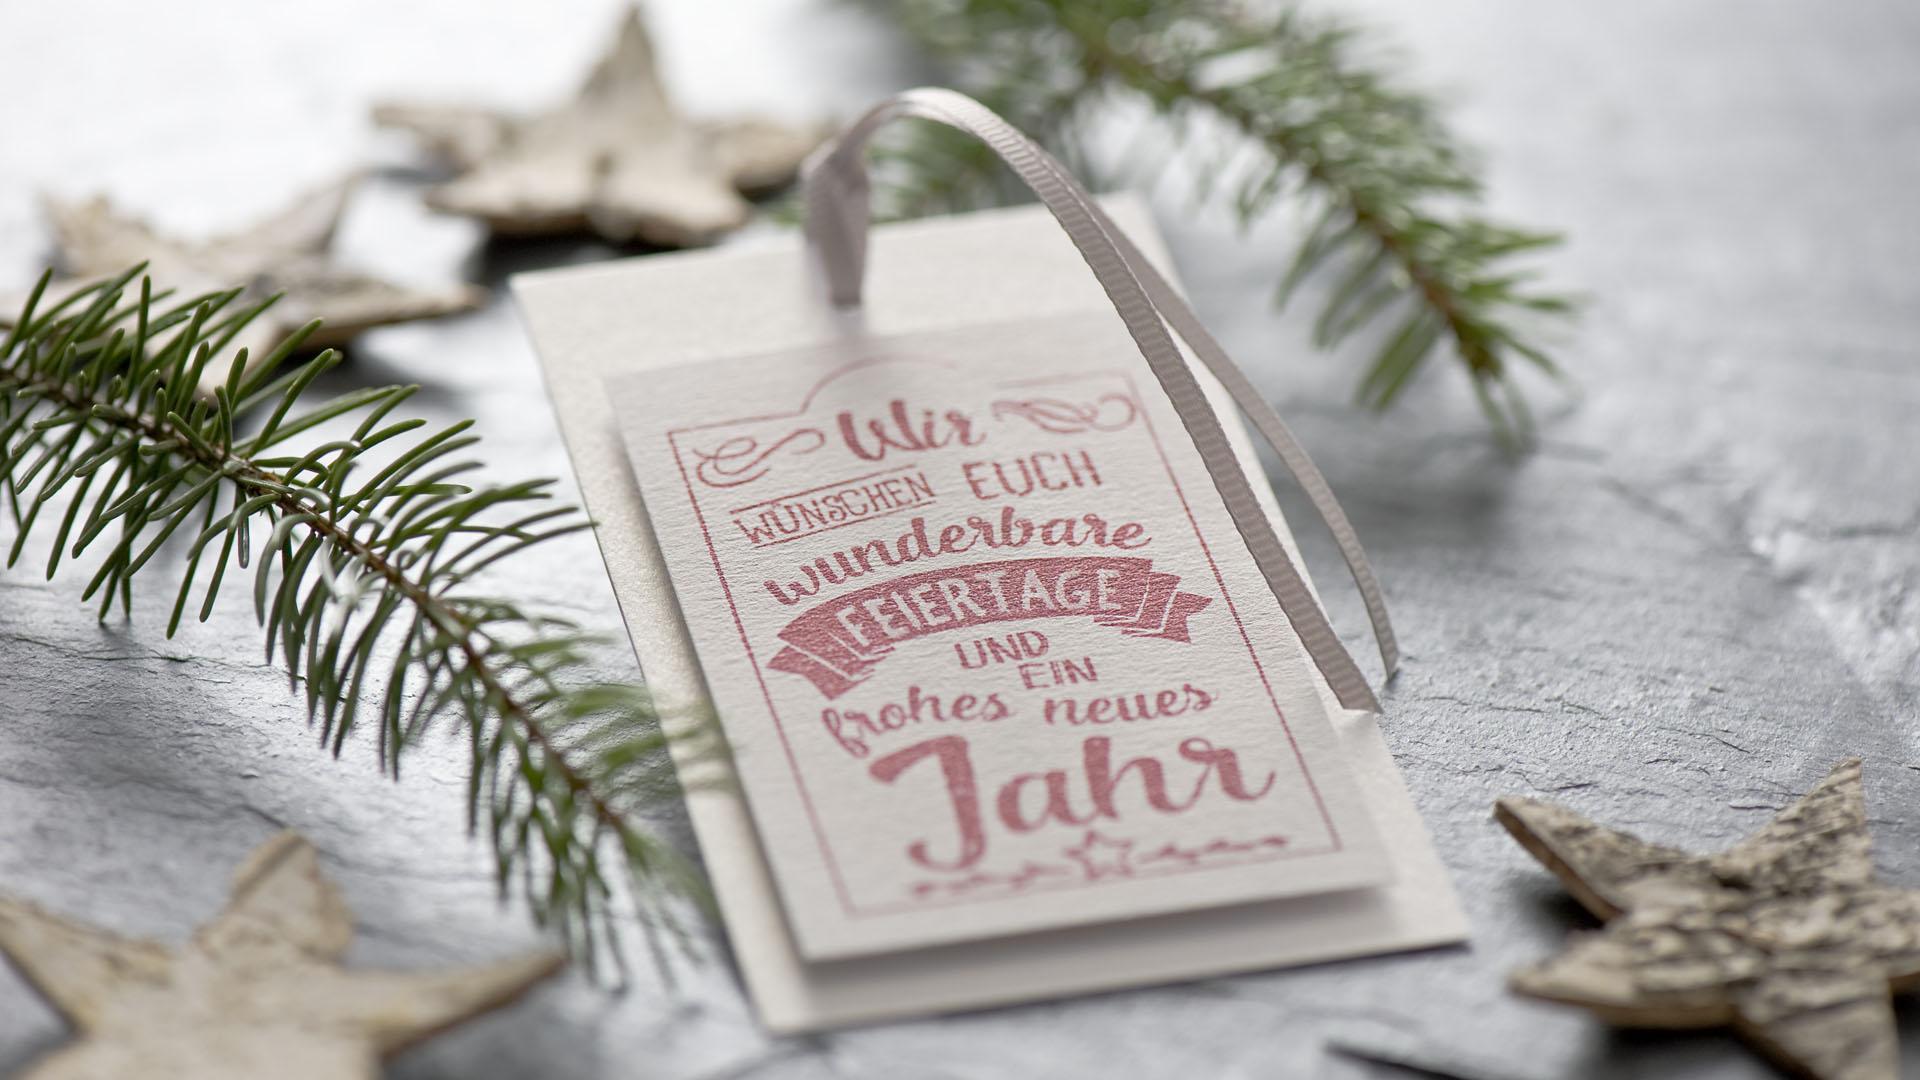 Ideen für die Weihnachtspost: Wir wünschen euch... | Schmucker Anhänger in Weiß, Grau und Rot mit Stempelmotiv im Handlettering-Stil